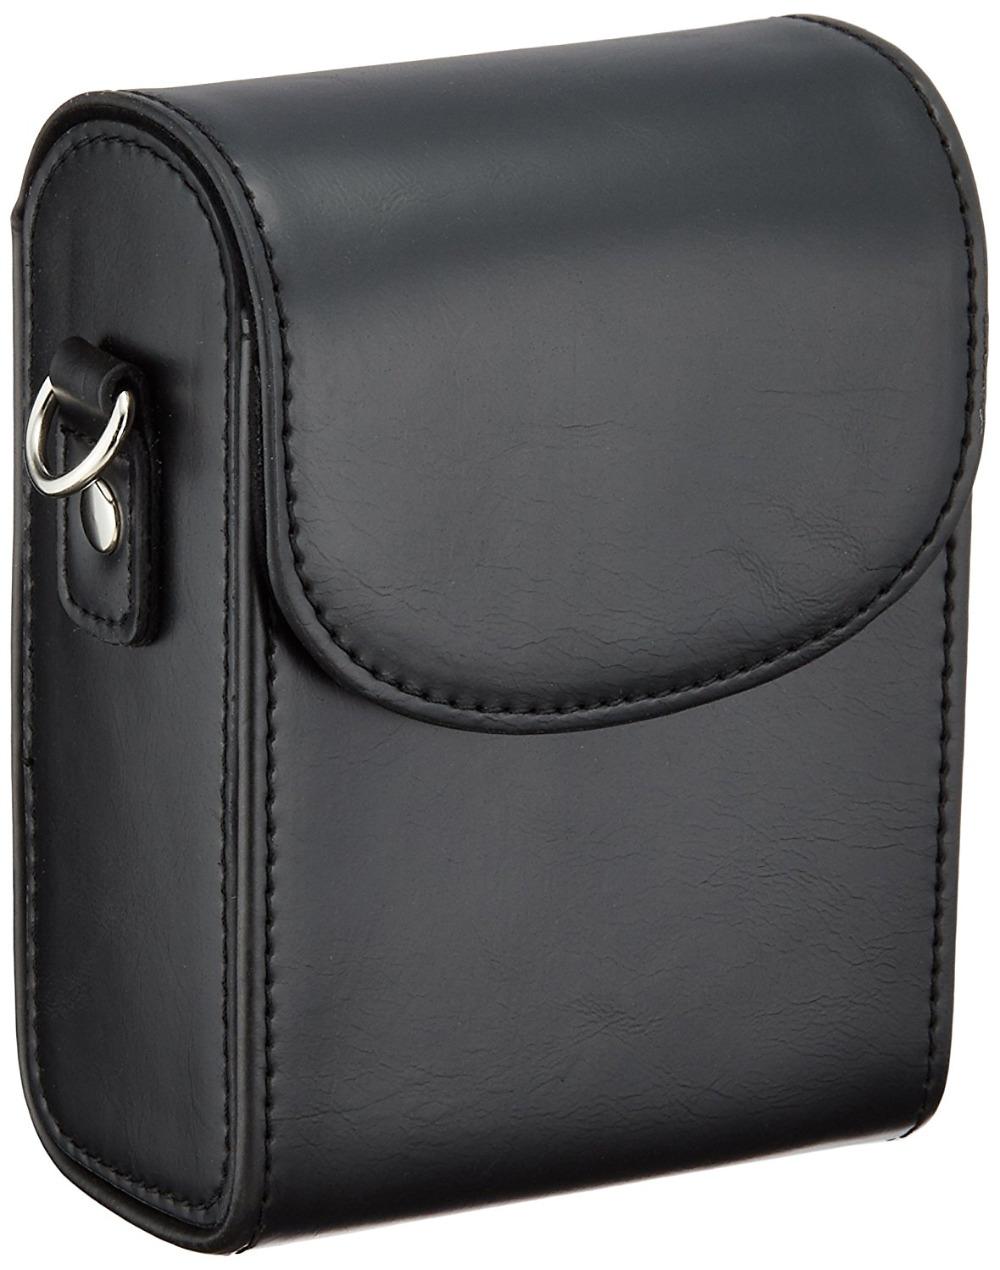 [해외]limitX 카메라 가죽 케이스 숄더 백 캐논 파워 샷 G9X G7X 마크 II 2 SX730 SX720 SX710 SX700 SX620 SX610 SX600 HS/limitX Camera Leather Case Shoulder Bag for Canon Powe